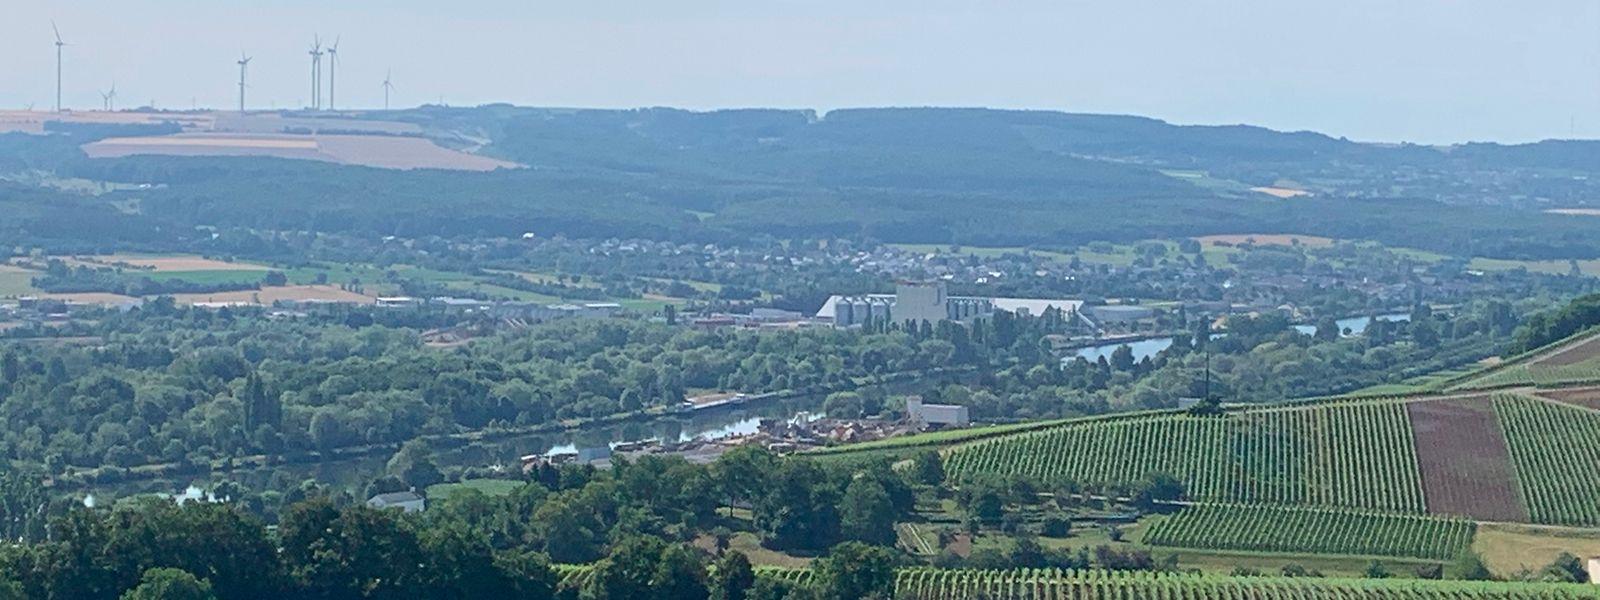 Der Aussichtspunkt in Remich ist der ideale Platz für eine kleine Pause. Von dort bietet sich ein toller Blick über das Moseltal.